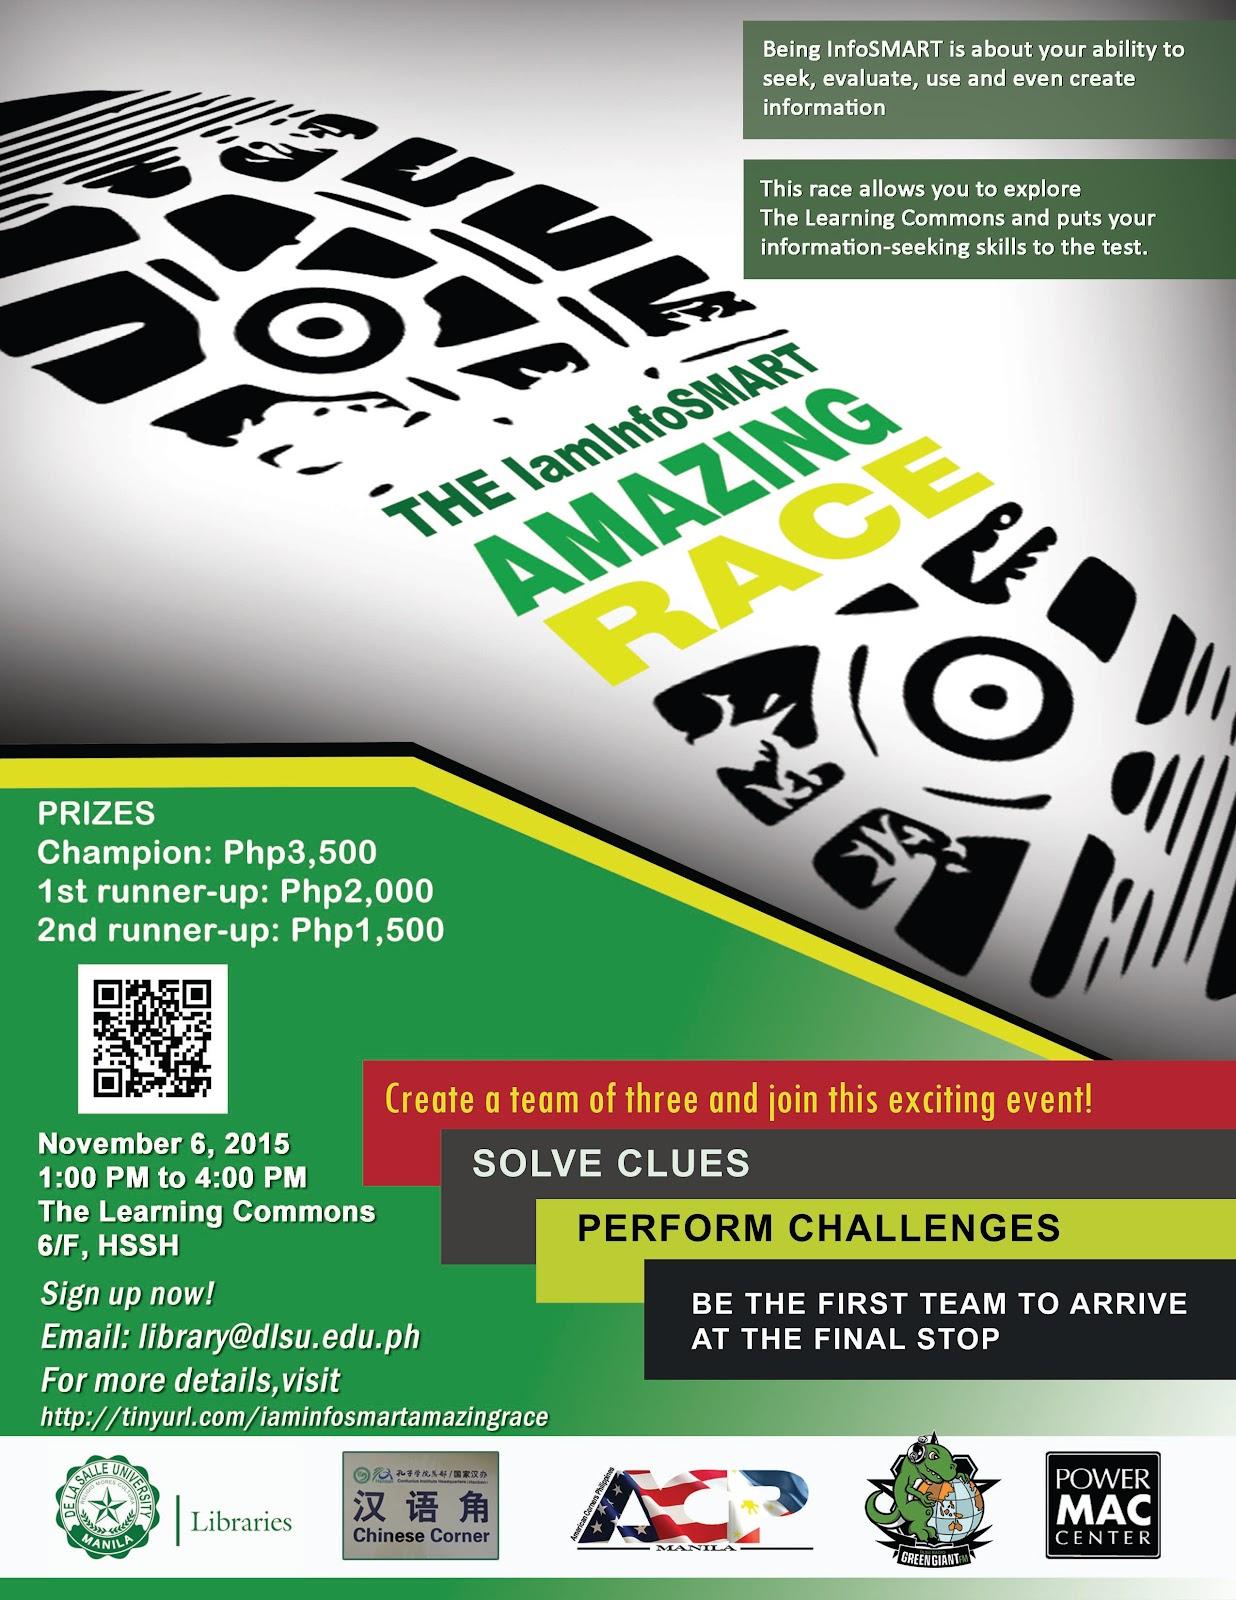 IamInfoSMART2015 Amazing Race.jpg